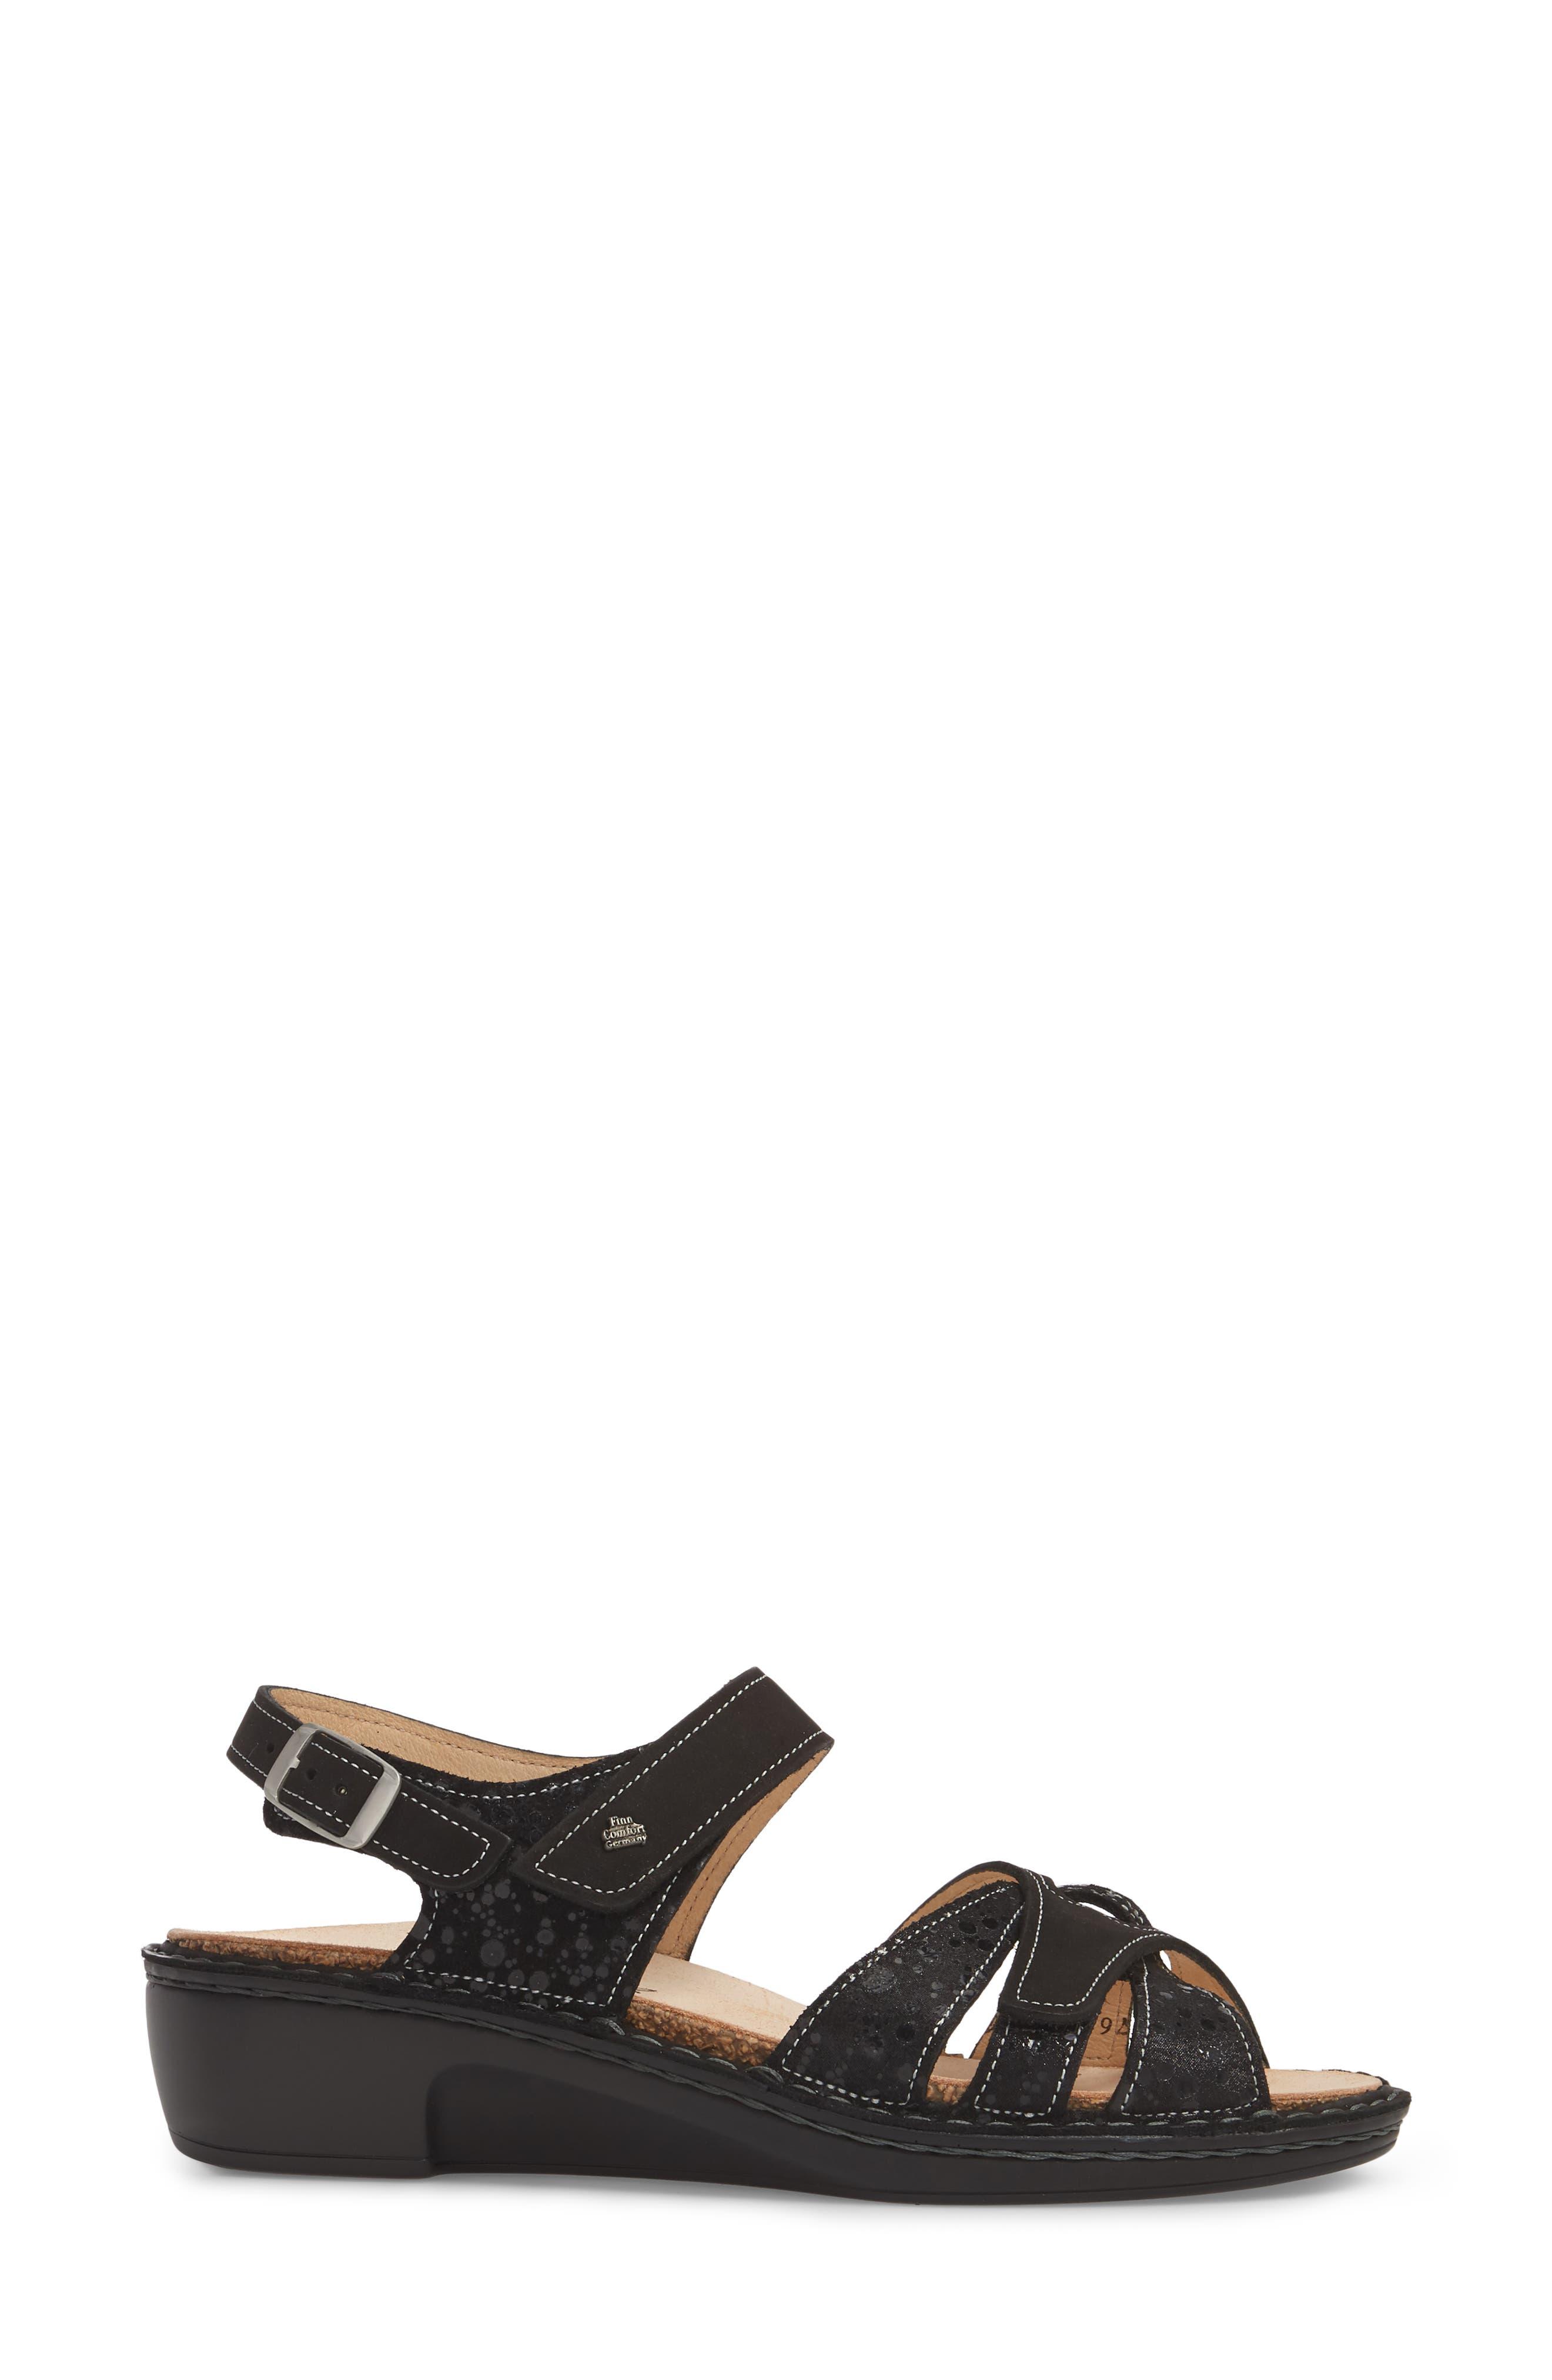 Buka Sandal,                             Alternate thumbnail 3, color,                             BLACK LEATHER